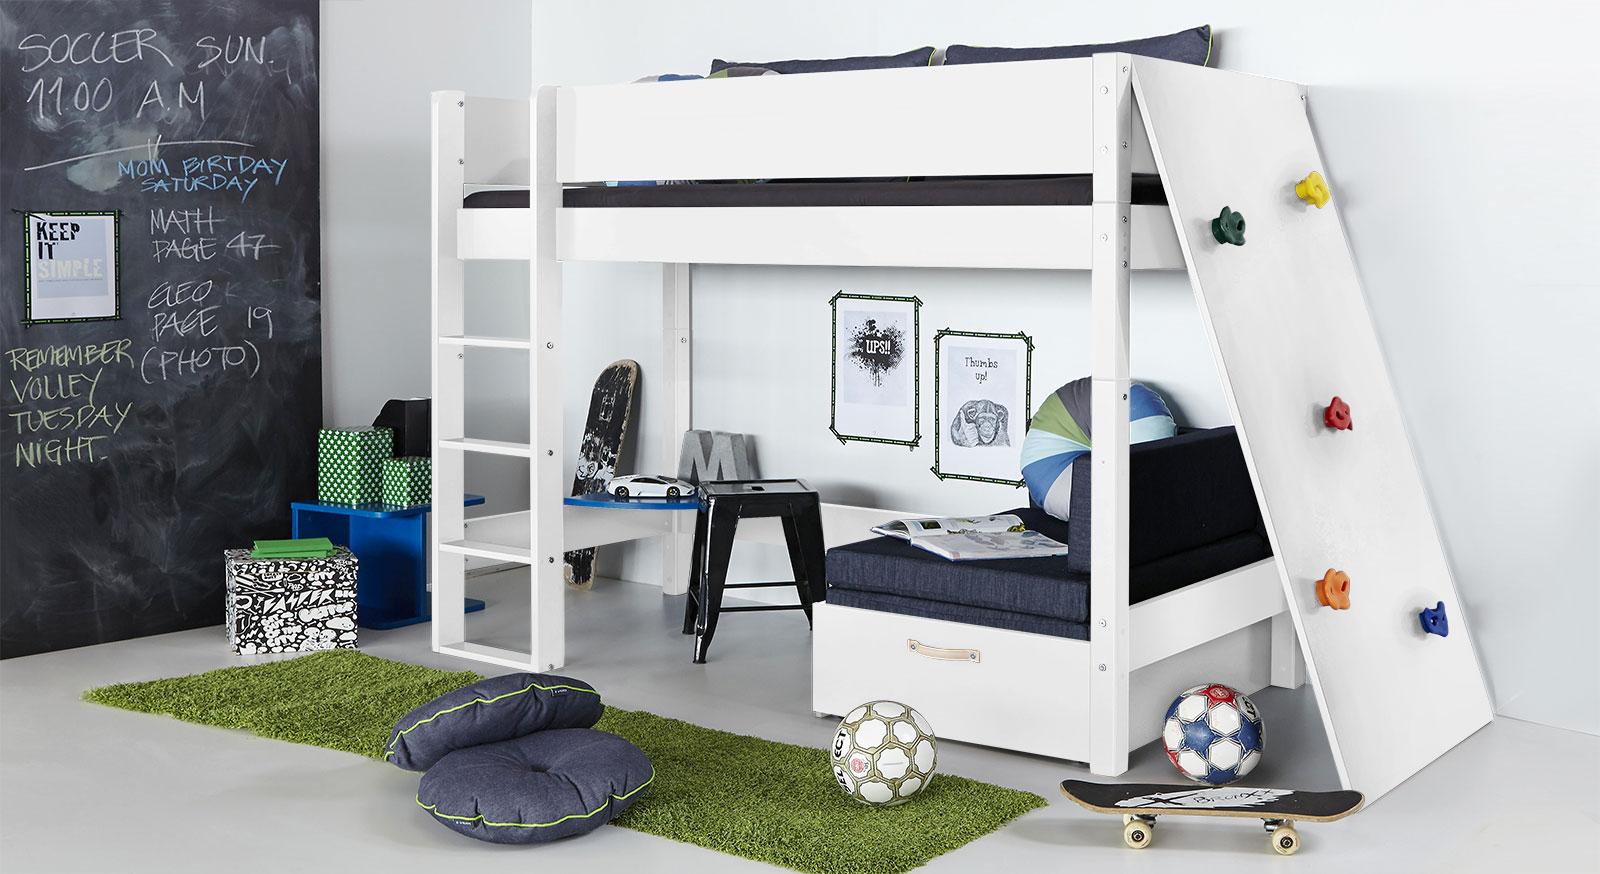 hochbetten f r das kinderzimmer erfahrungswerte. Black Bedroom Furniture Sets. Home Design Ideas